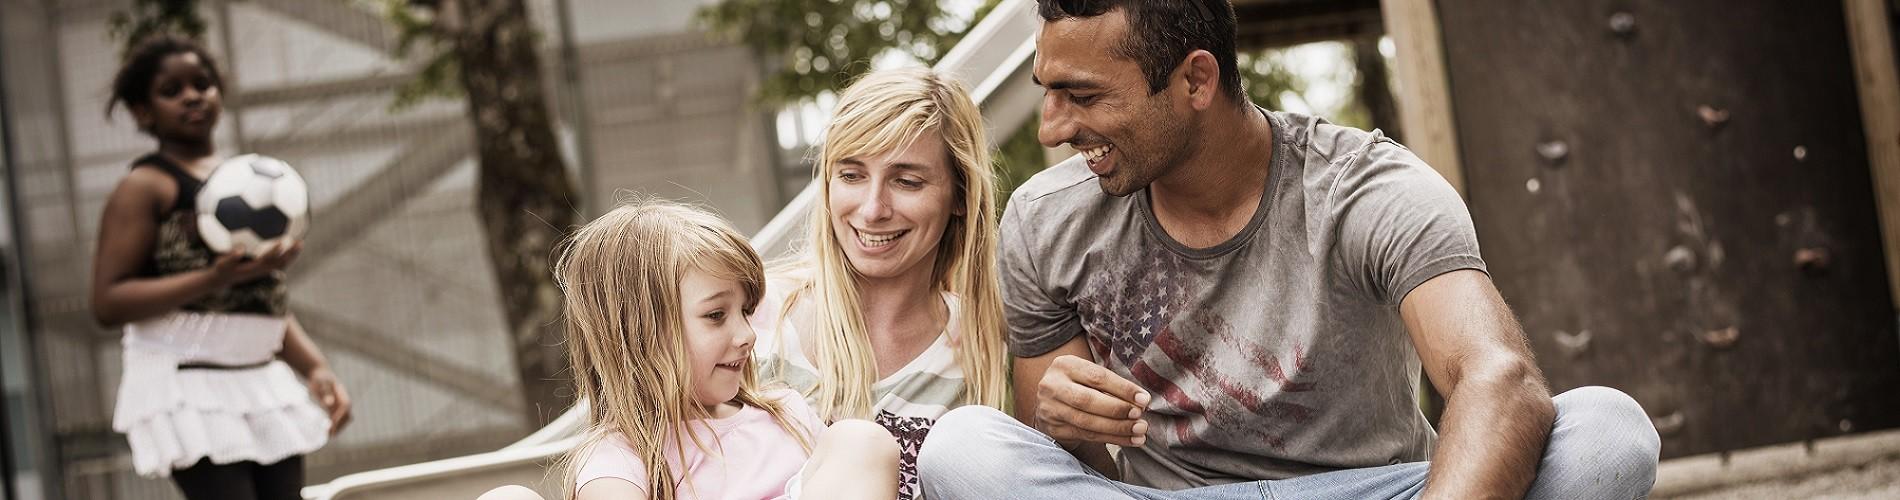 Ali mit Frau und Mädchen